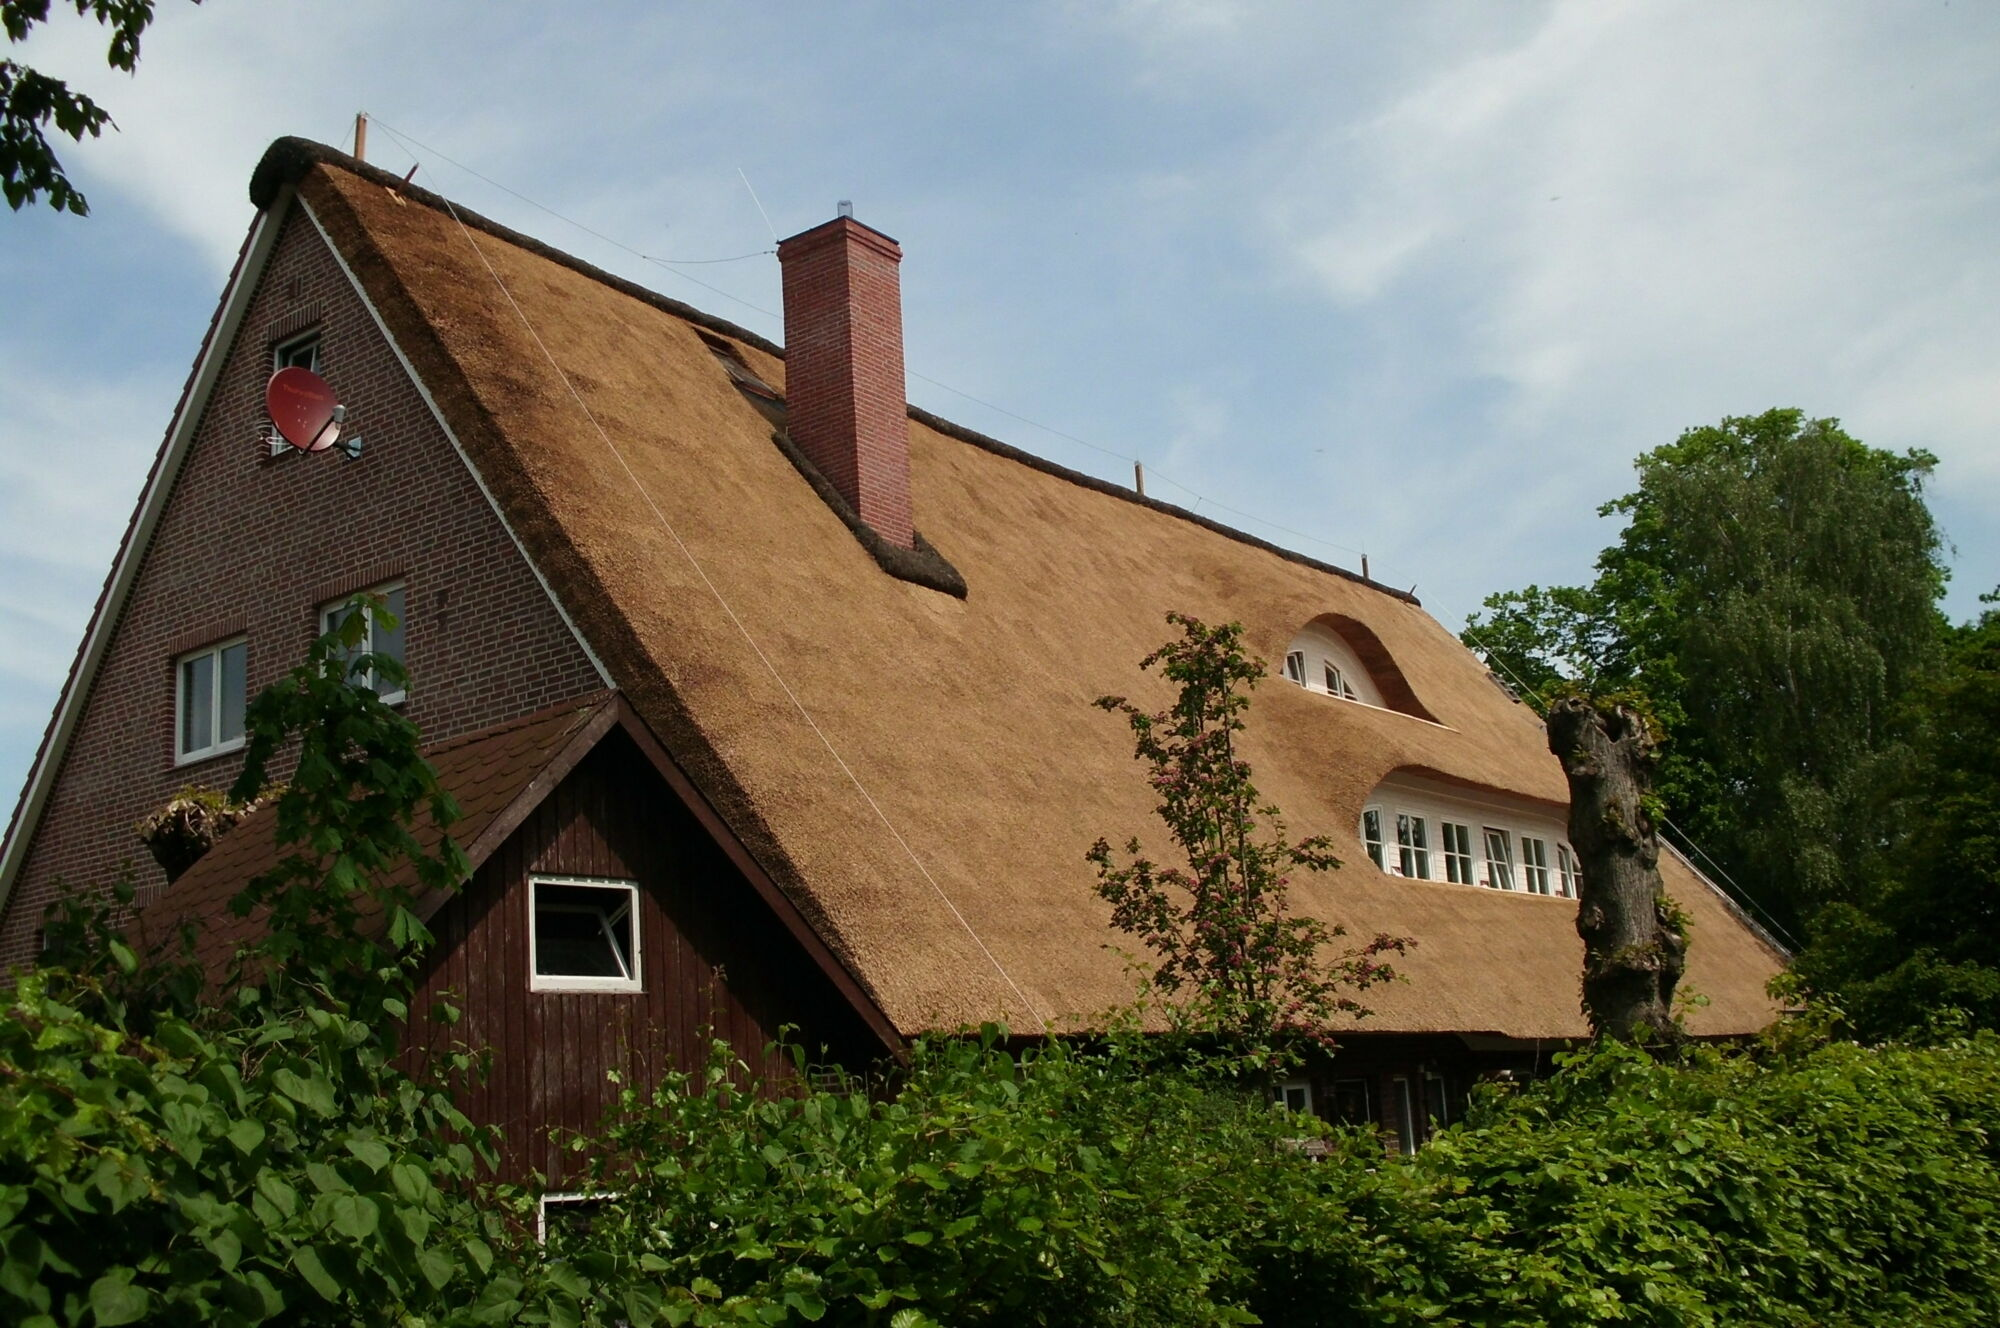 Reetdachdeckerei-Ehmann-Wedel-Hamburg-Reetdach-34